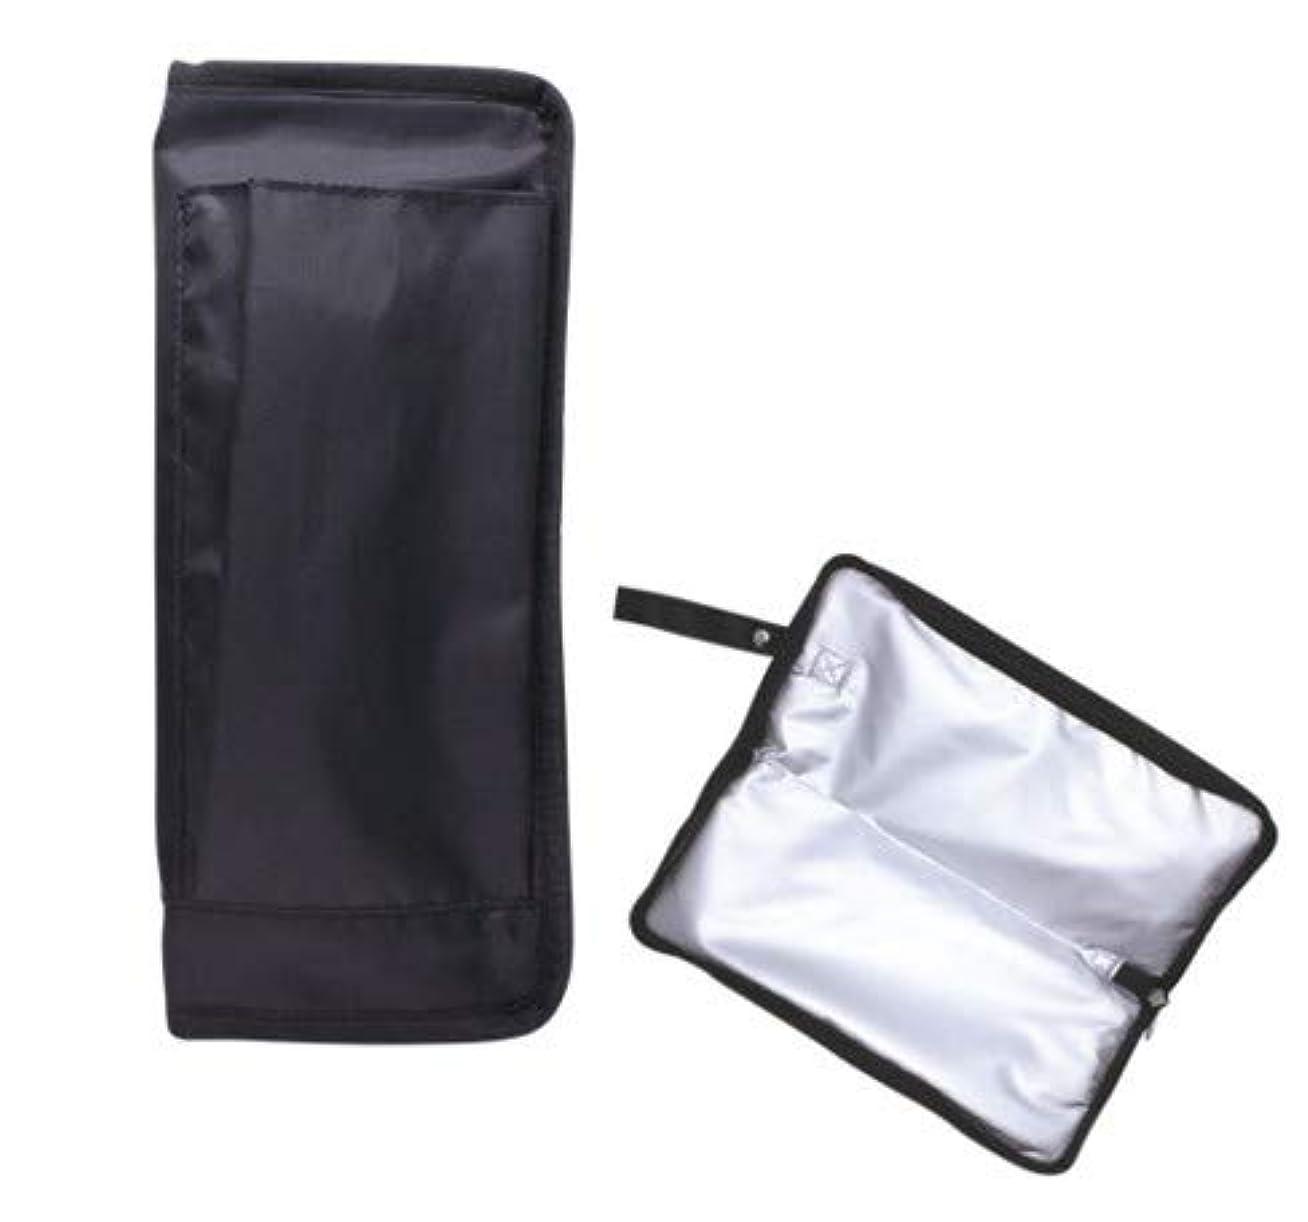 剥ぎ取るオリエンタル兵器庫ヘアアイロンカバー(ブラック)HAC1800 ヘア アイロン コテ スタイリング 温 冷 一時置き コード スッキリ バッグ 収納 フック付き 自宅 お出かけ 旅行 化粧